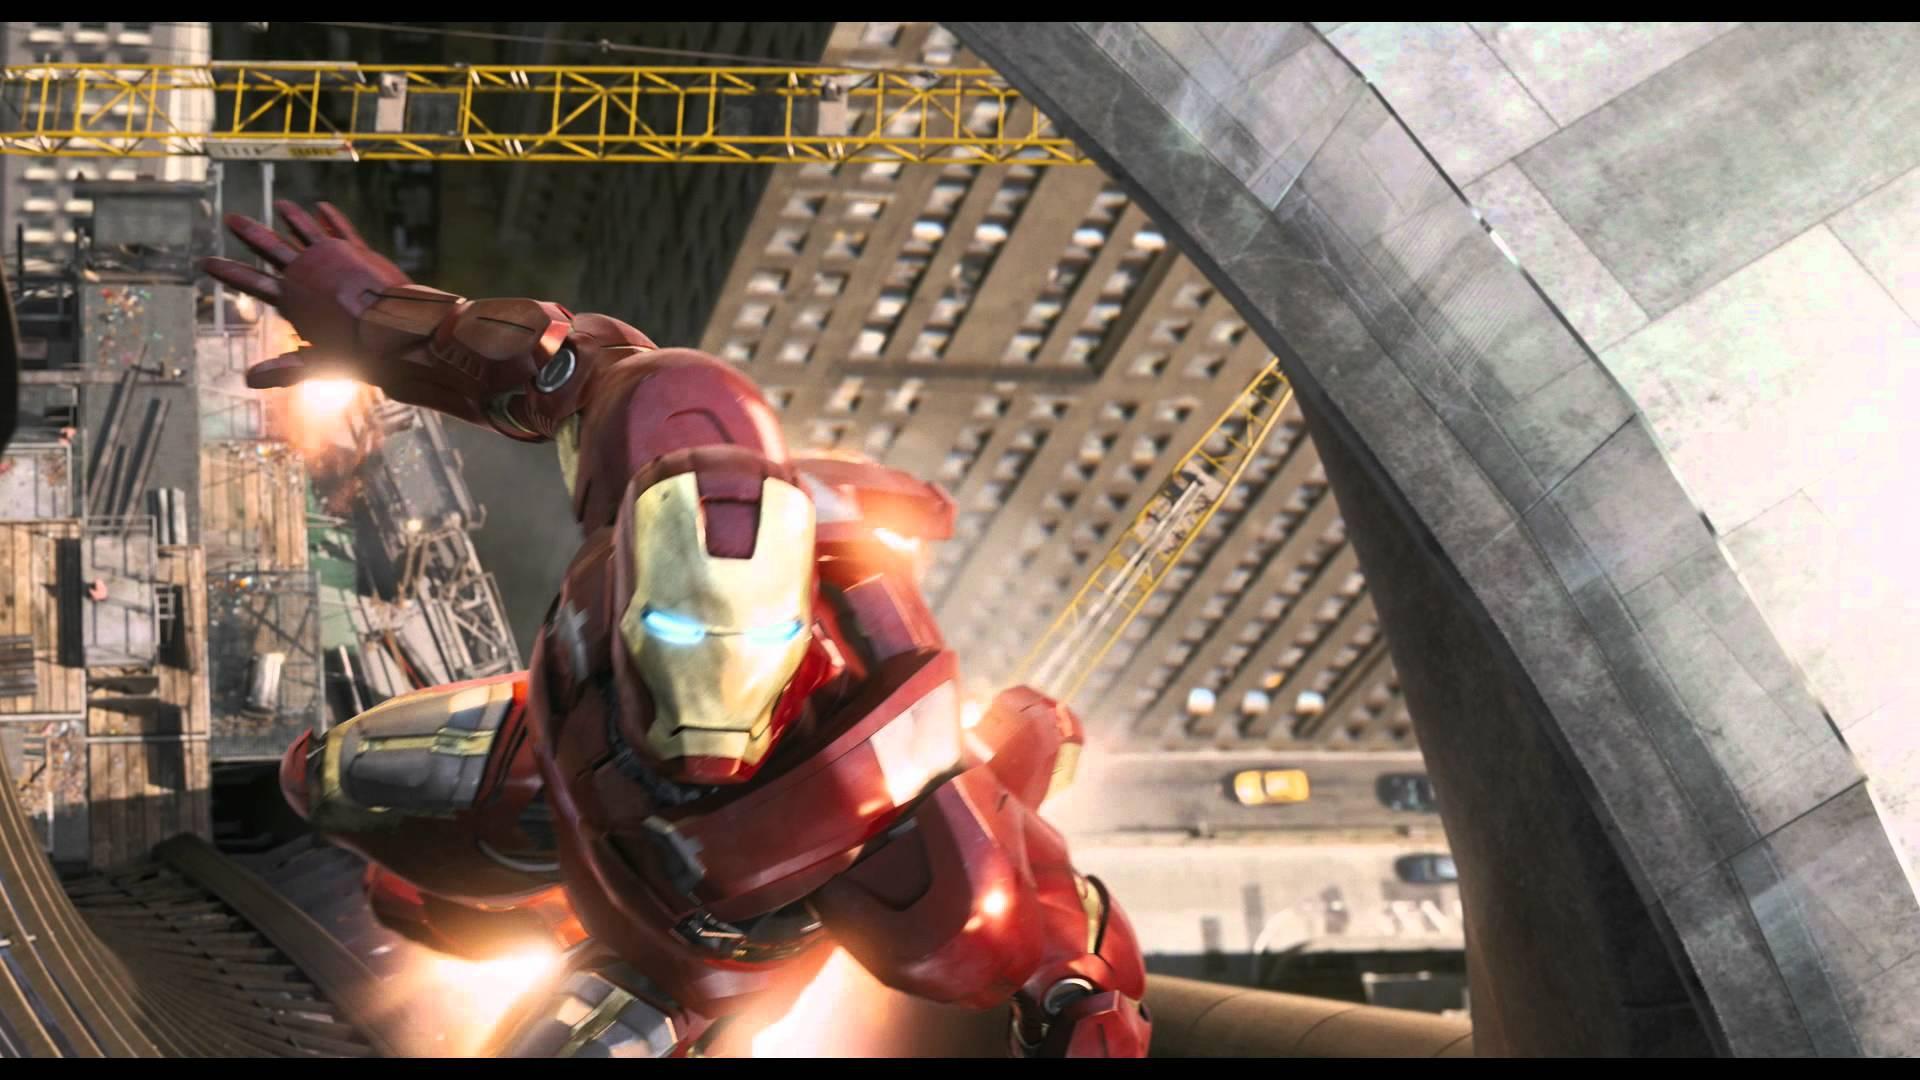 Marvel's The Avengers (Movie Trailer)